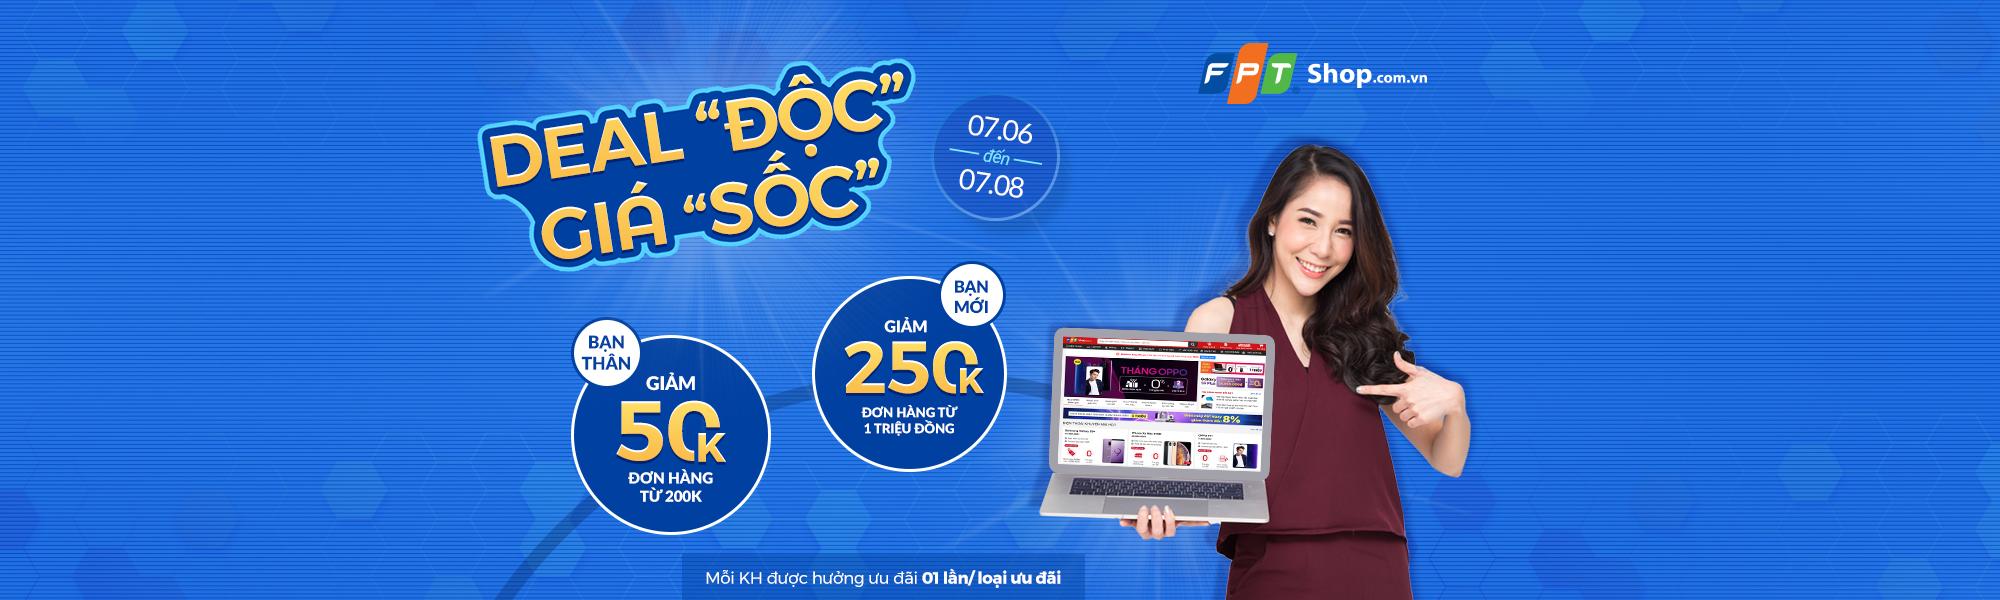 300k-fptshop-promotion-jun-2019